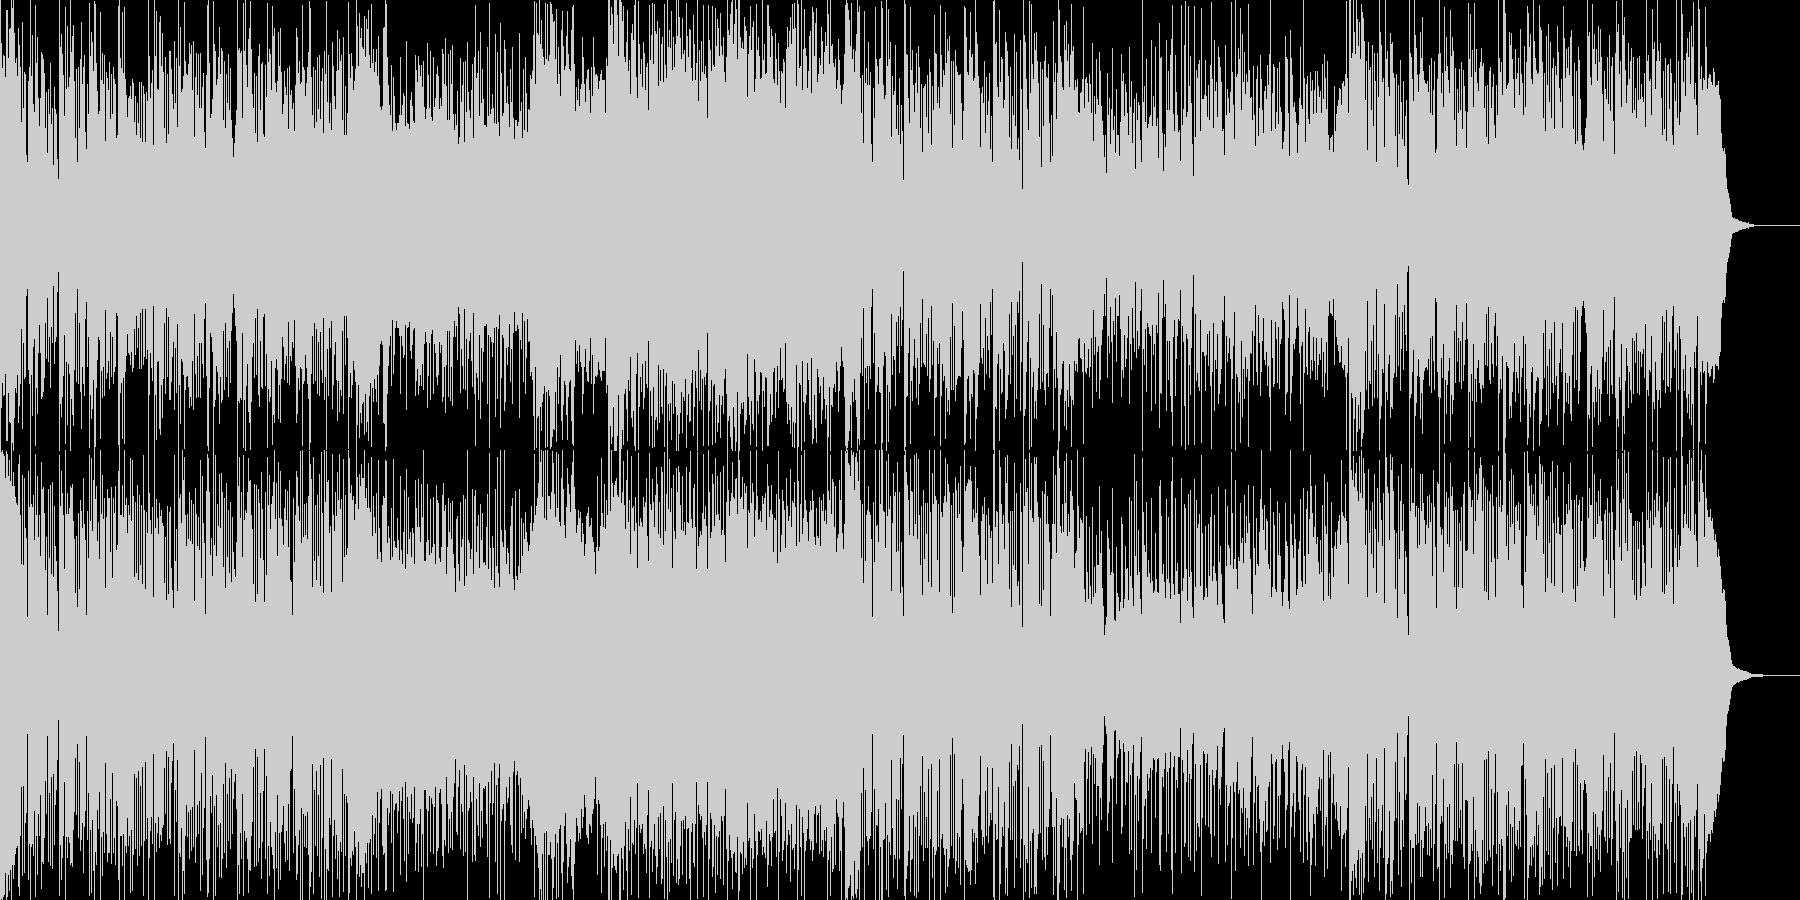 ちょっと速めのスウィングジャズの未再生の波形